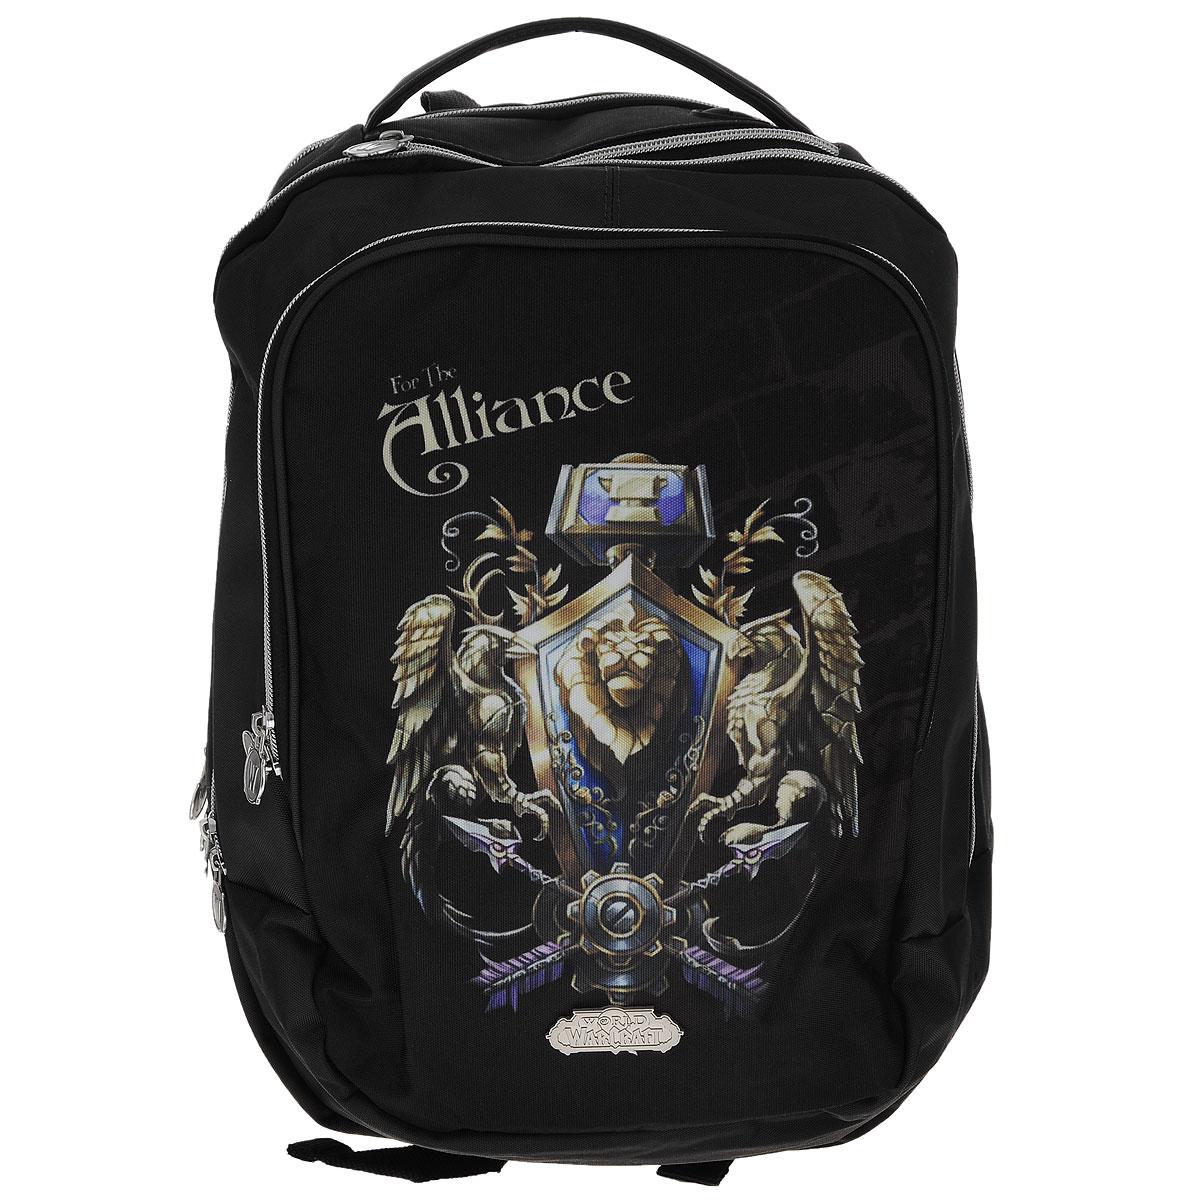 Рюкзак молодежный Proff World of Warcraft, цвет: черный, темно-серый. WC15-BPA-141601.015Рюкзак молодежный Proff WarCraft сочетает в себе современный дизайн, функциональность и долговечность.Он выполнен из водонепроницаемого, морозоустойчивого материла черного и темно-серого цветов. Рюкзак состоит из двух вместительных отделений, закрывающихся на металлические застежки-молнии с двумя бегунками. Внутри отделения ближе к спине находится мягкий карман, закрывающийся хлястиком на липучке, который можно использовать для гаджетов, а также имеется открытый карман. Лицевая сторона рюкзака оснащена накладным карманом на молнии, внутри которого имеются три кармашка для пишущих принадлежностей, два открытых кармашка для мелких предметов и брелок для ключей. Рюкзак оснащен удобной эргономичной ручкой для переноски в руке. Под ручкой расположен специальный карман для плеера с выводом для наушников. Конструкция спинки дополнена двумя эргономичными подушечками, противоскользящей сеточкой и системой вентиляции для предотвращения запотевания спины ребенка. Мягкие широкие лямки позволяют легко и быстро отрегулировать рюкзак в соответствии с ростом.Этот рюкзак можно использовать для школьников, повседневных прогулок, отдыха и спорта, а также как элемент вашего имиджа.Рекомендуемый возраст: от 7 лет.